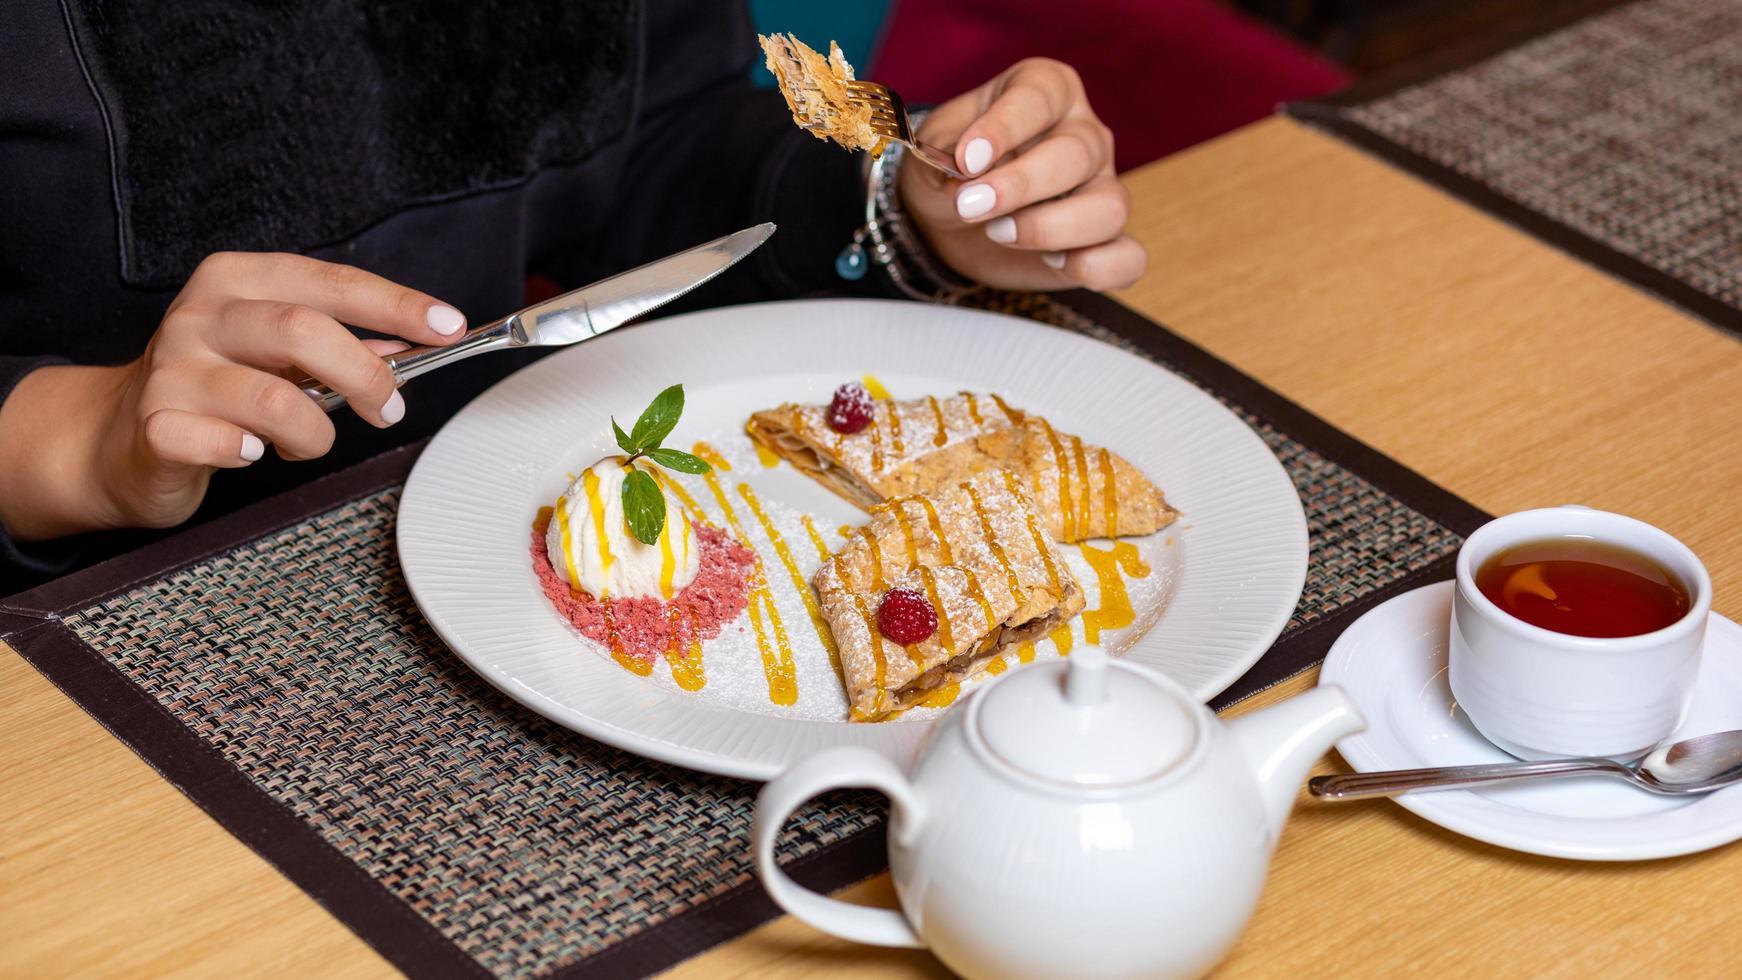 donna che mangia il dessert con il tè foto